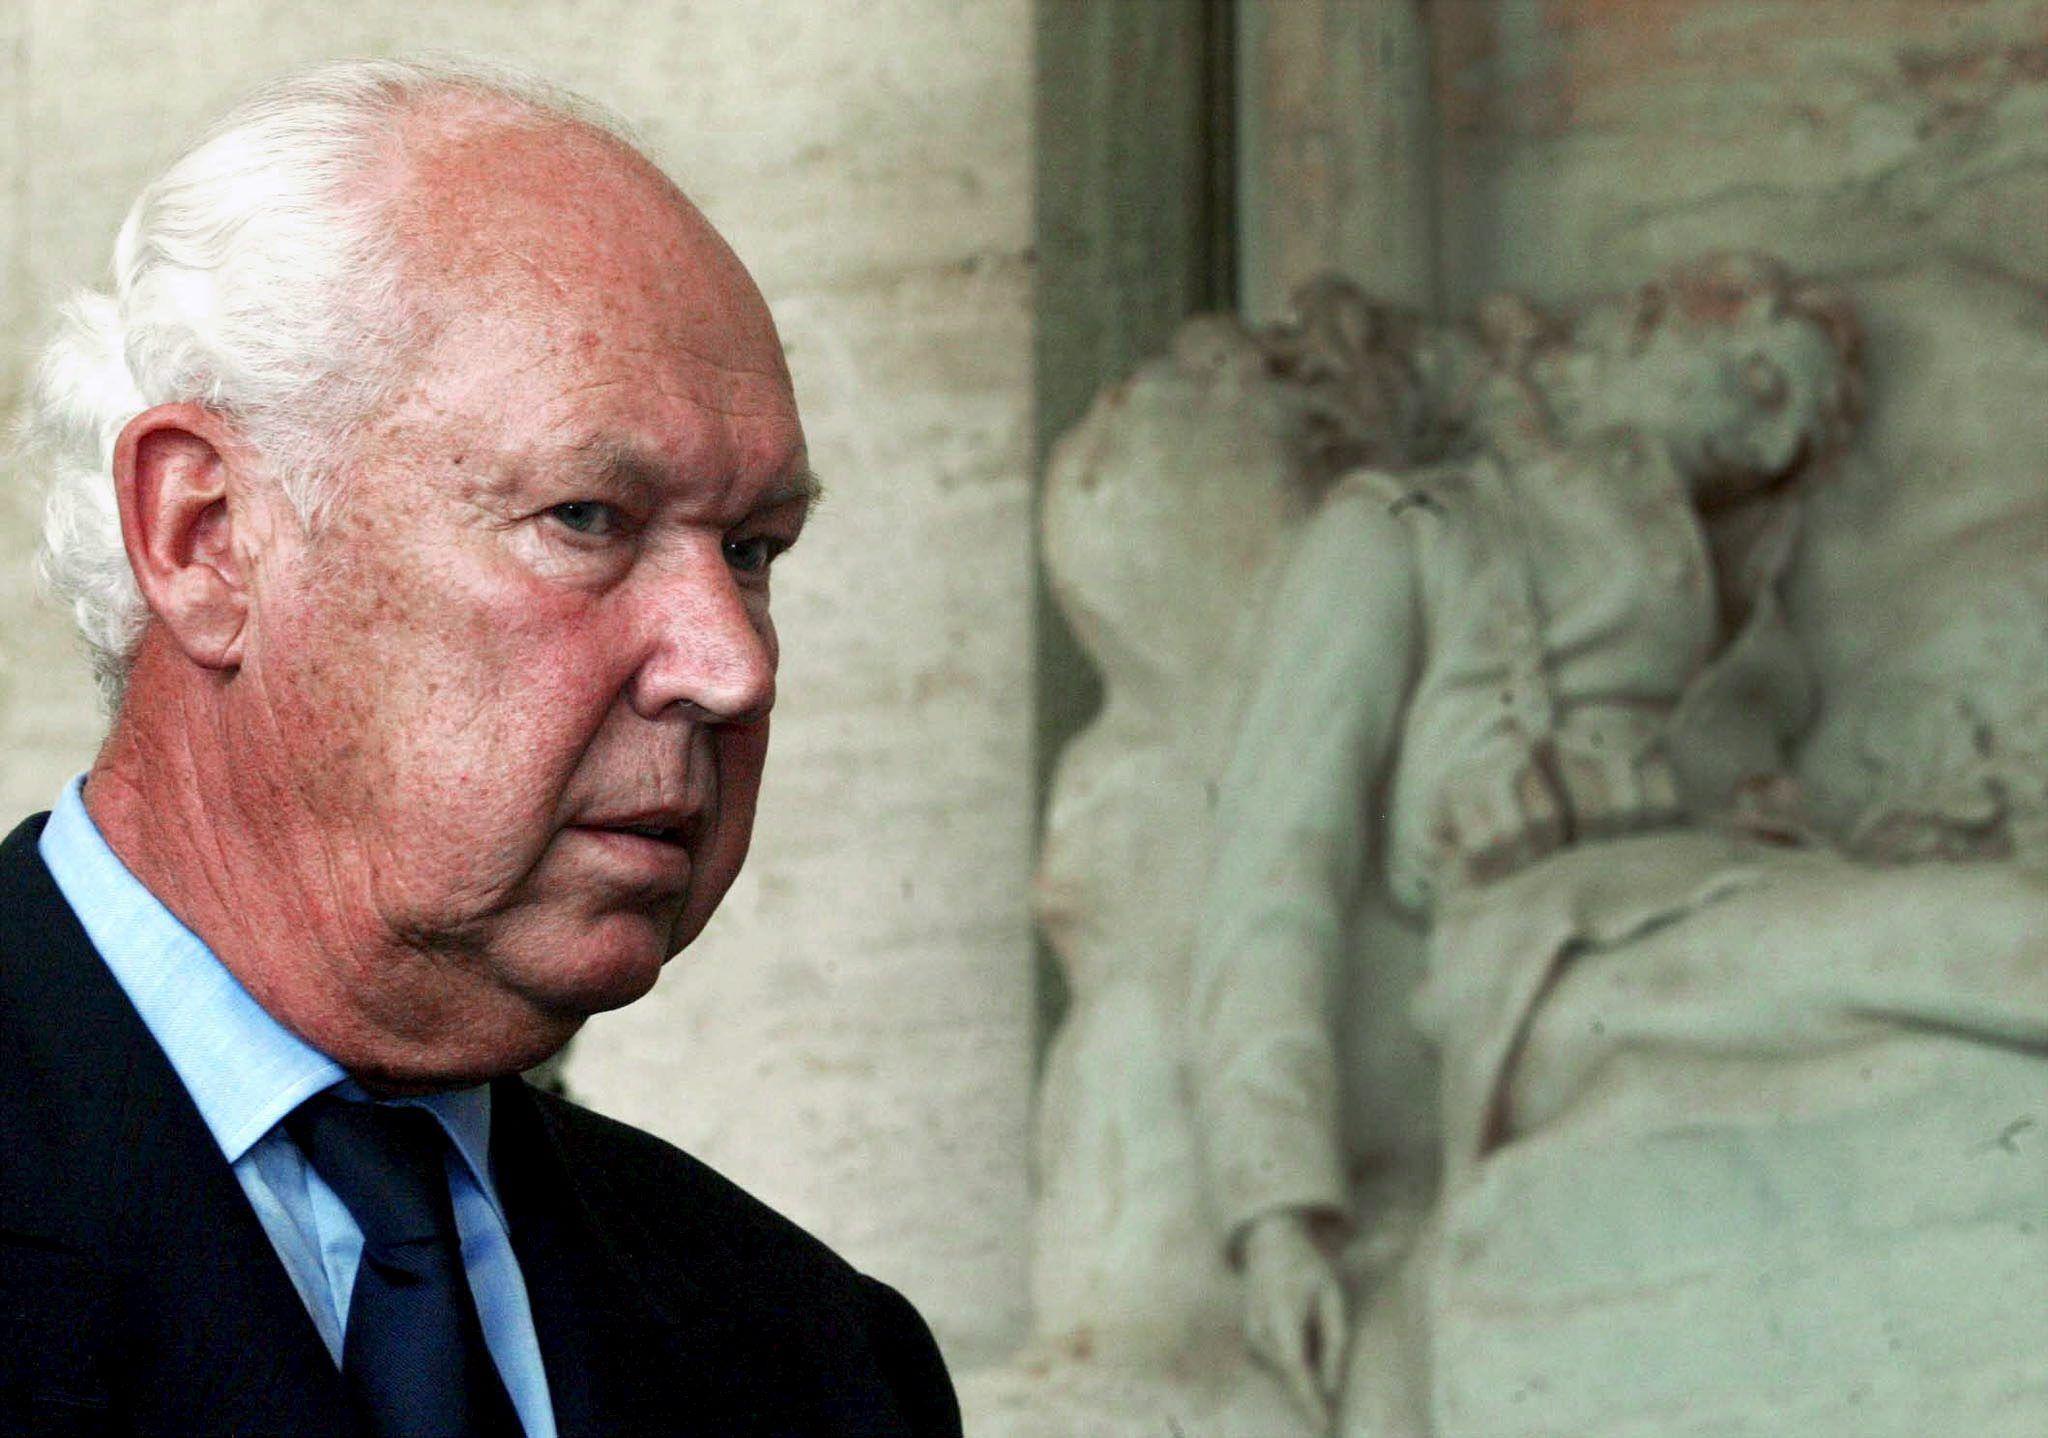 Cassazione: Vittorio Emanuele di Savoia non ha diritto all'oblio per la morte di Hamer